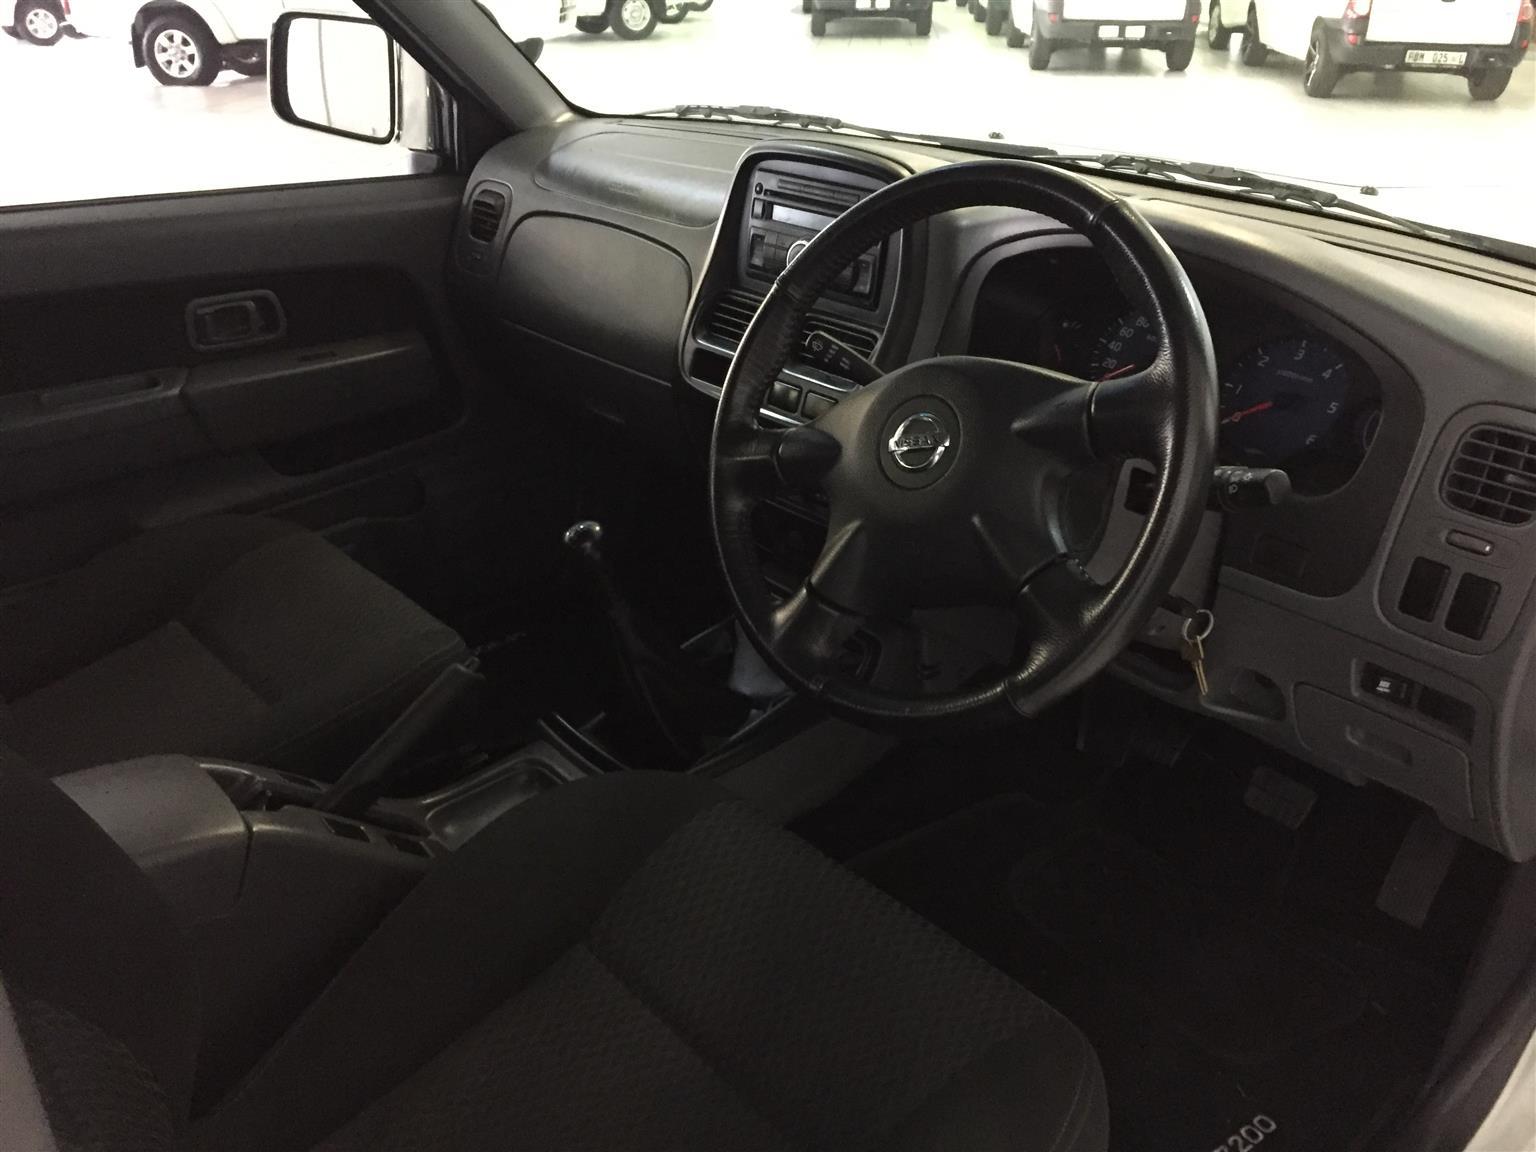 2019 Nissan NP300 Hardbody 2.5TDi double cab Hi rider